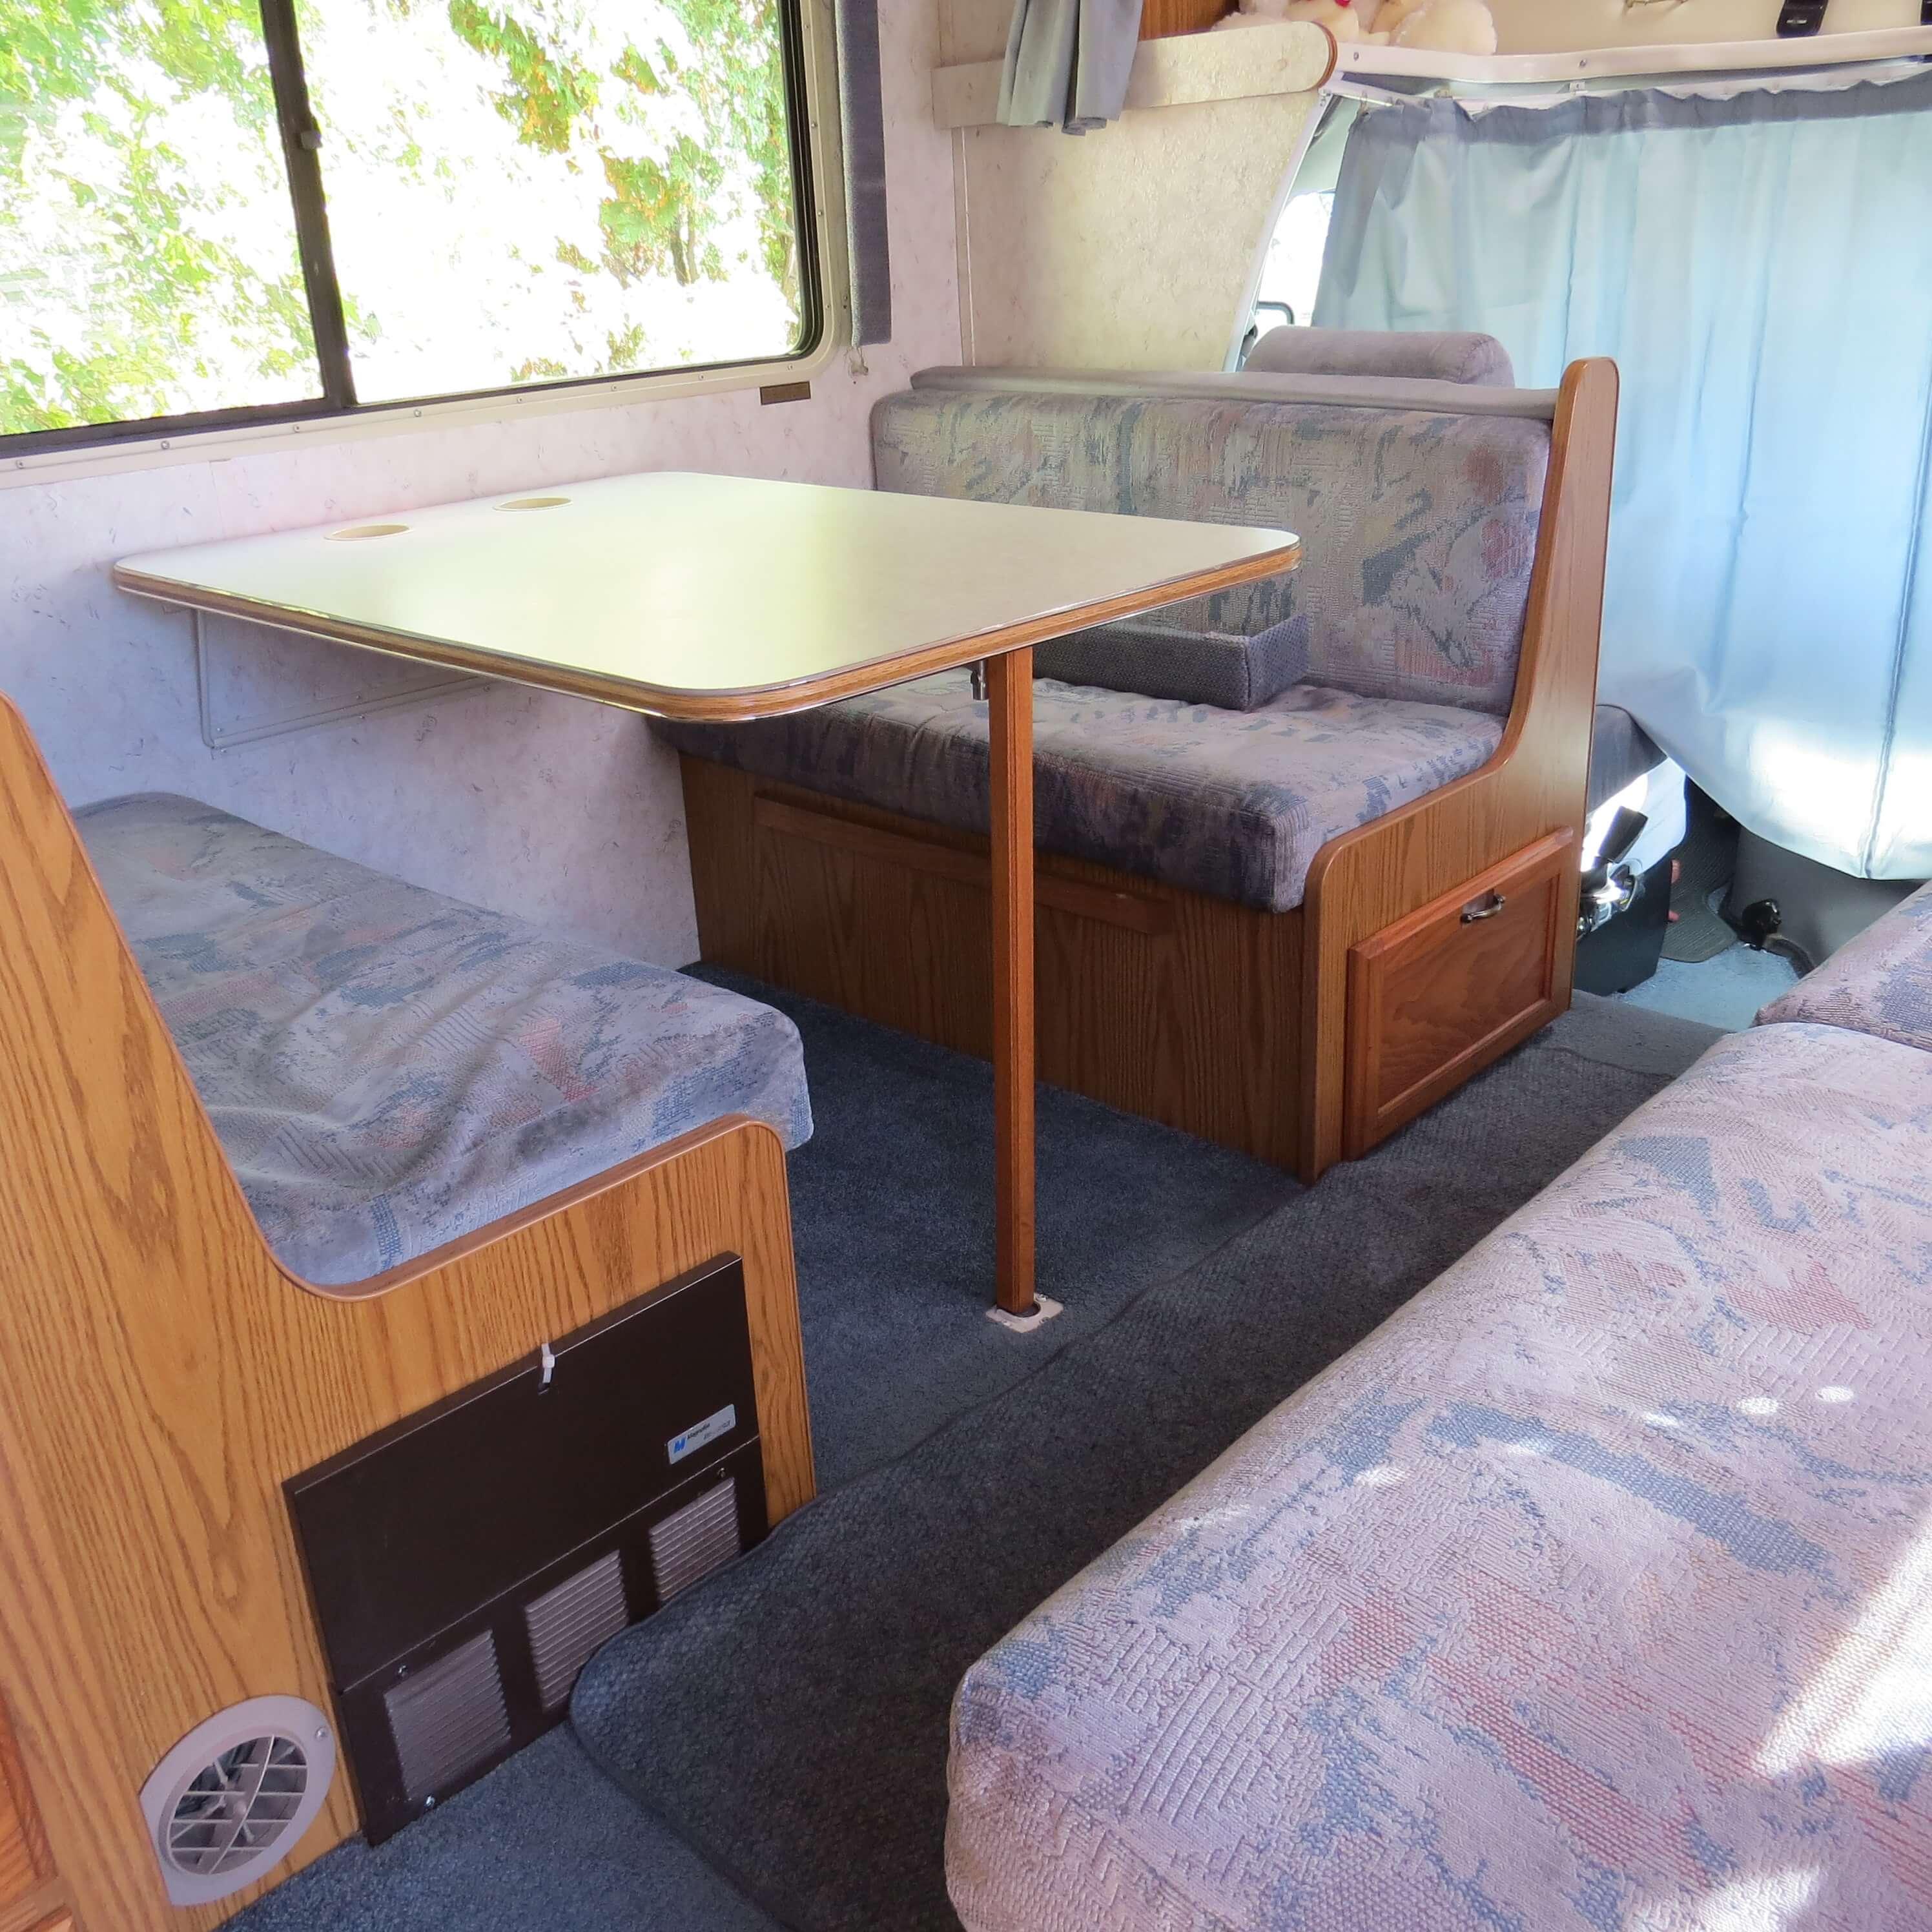 Kit salle de bain pour camping car - Table pliante pour camping car ...